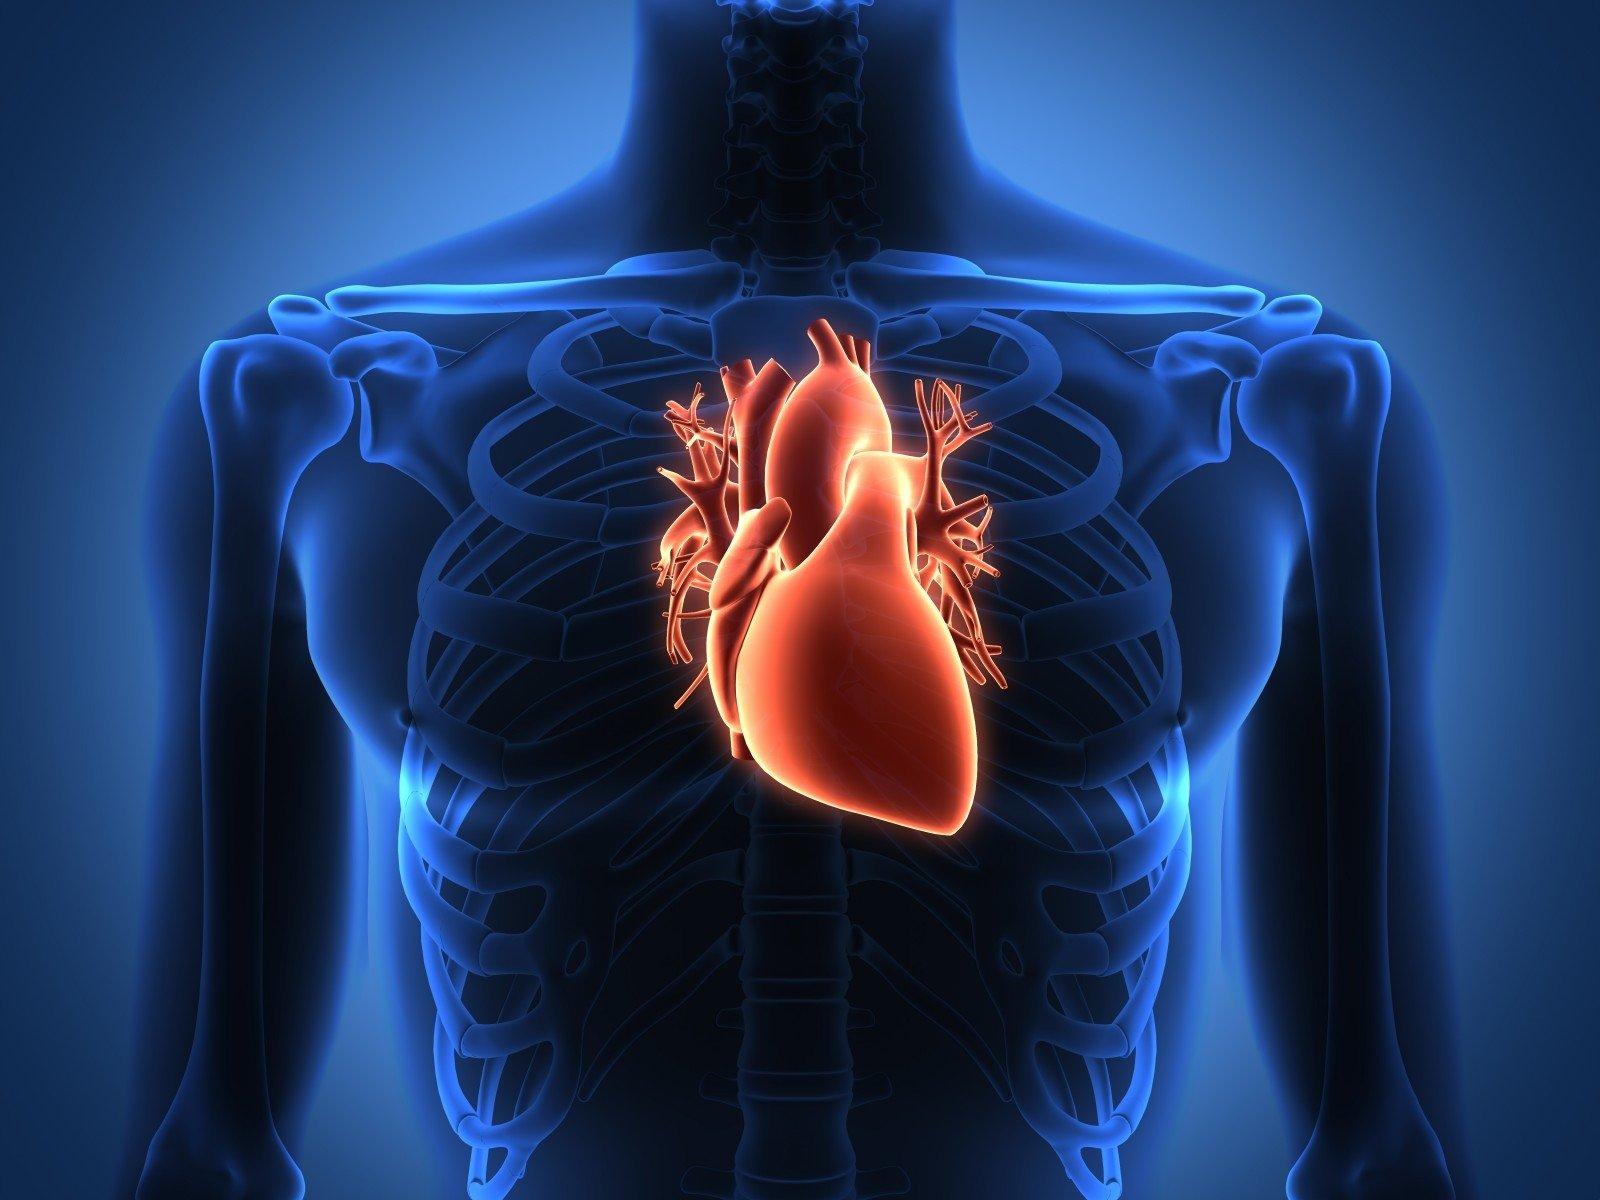 koks normalus kraujo spaudimas ir pulsas